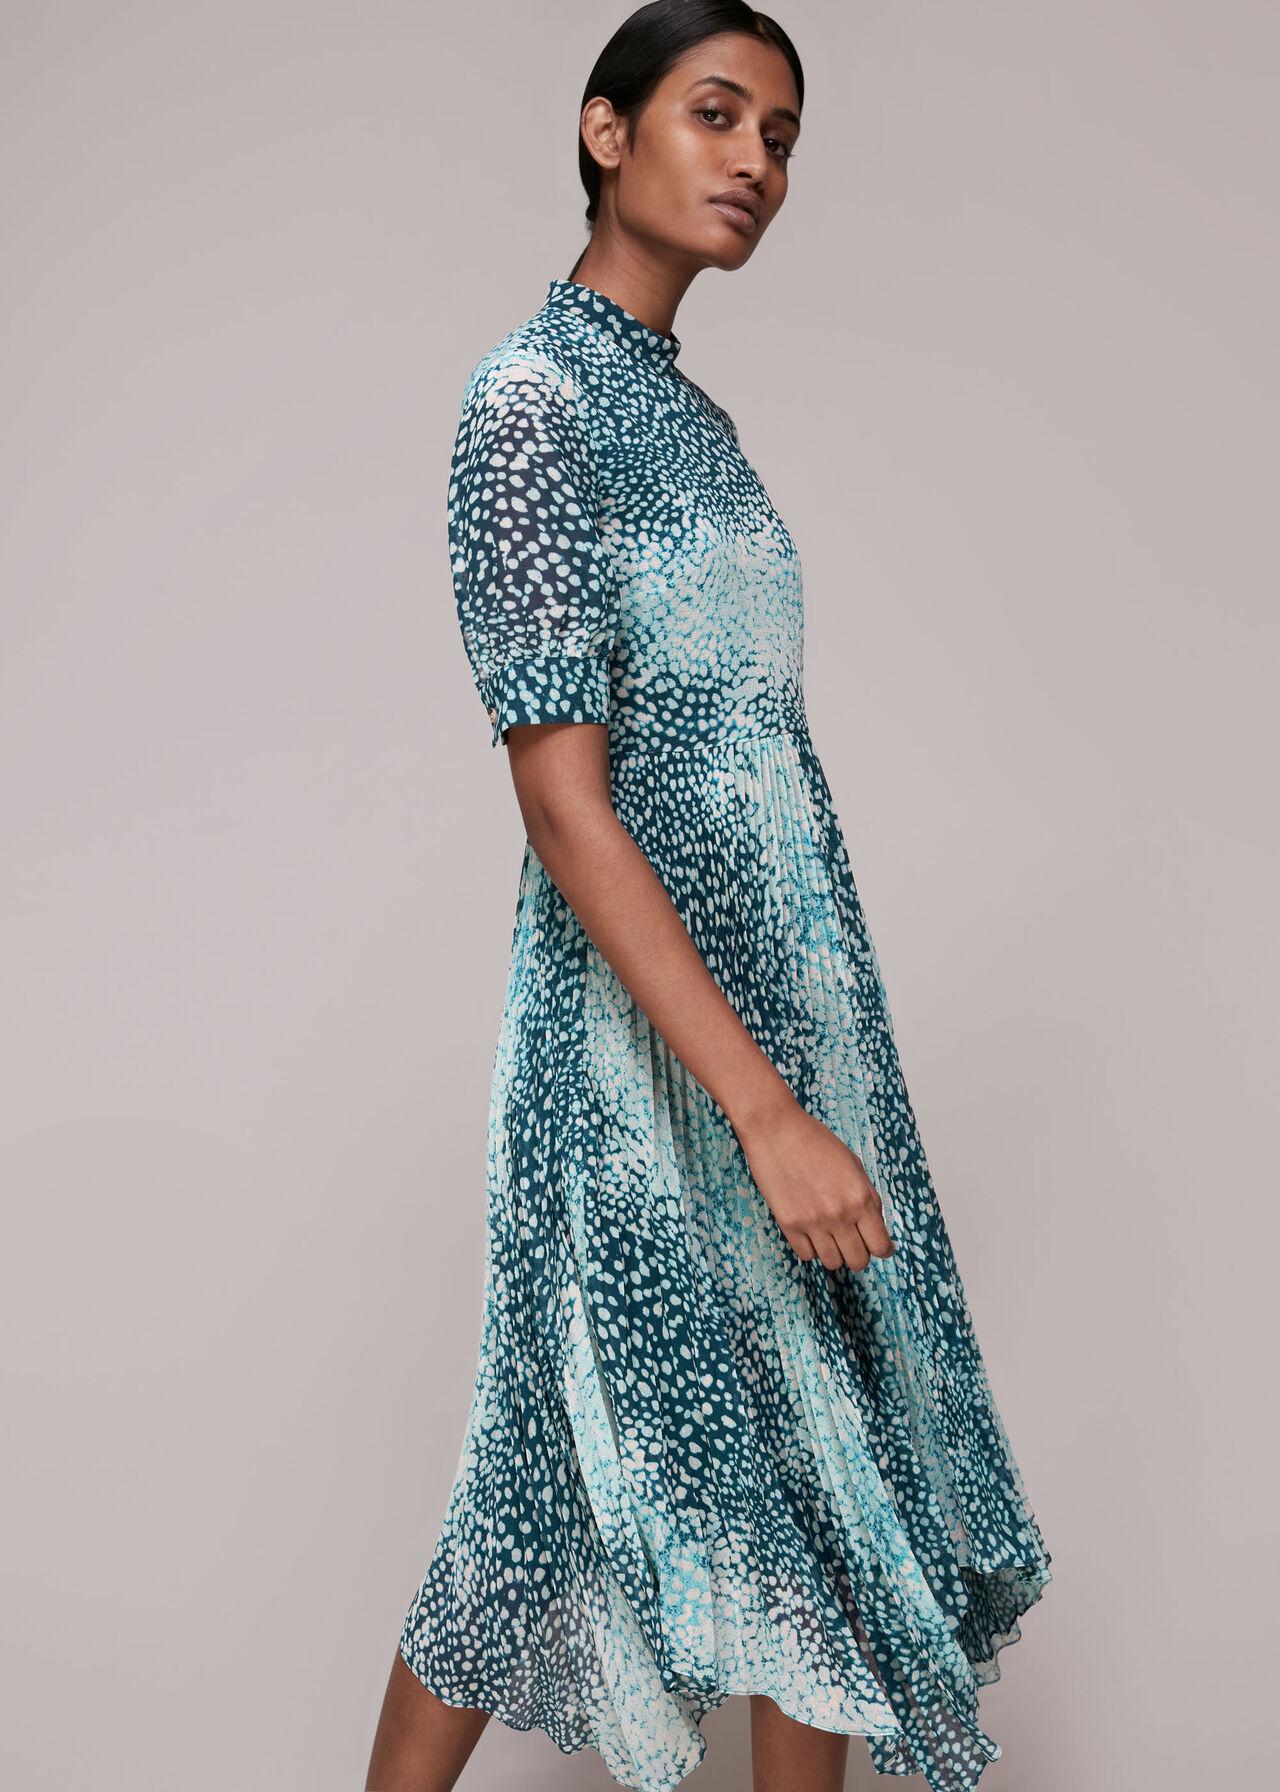 Esme Dalmation Print Dress